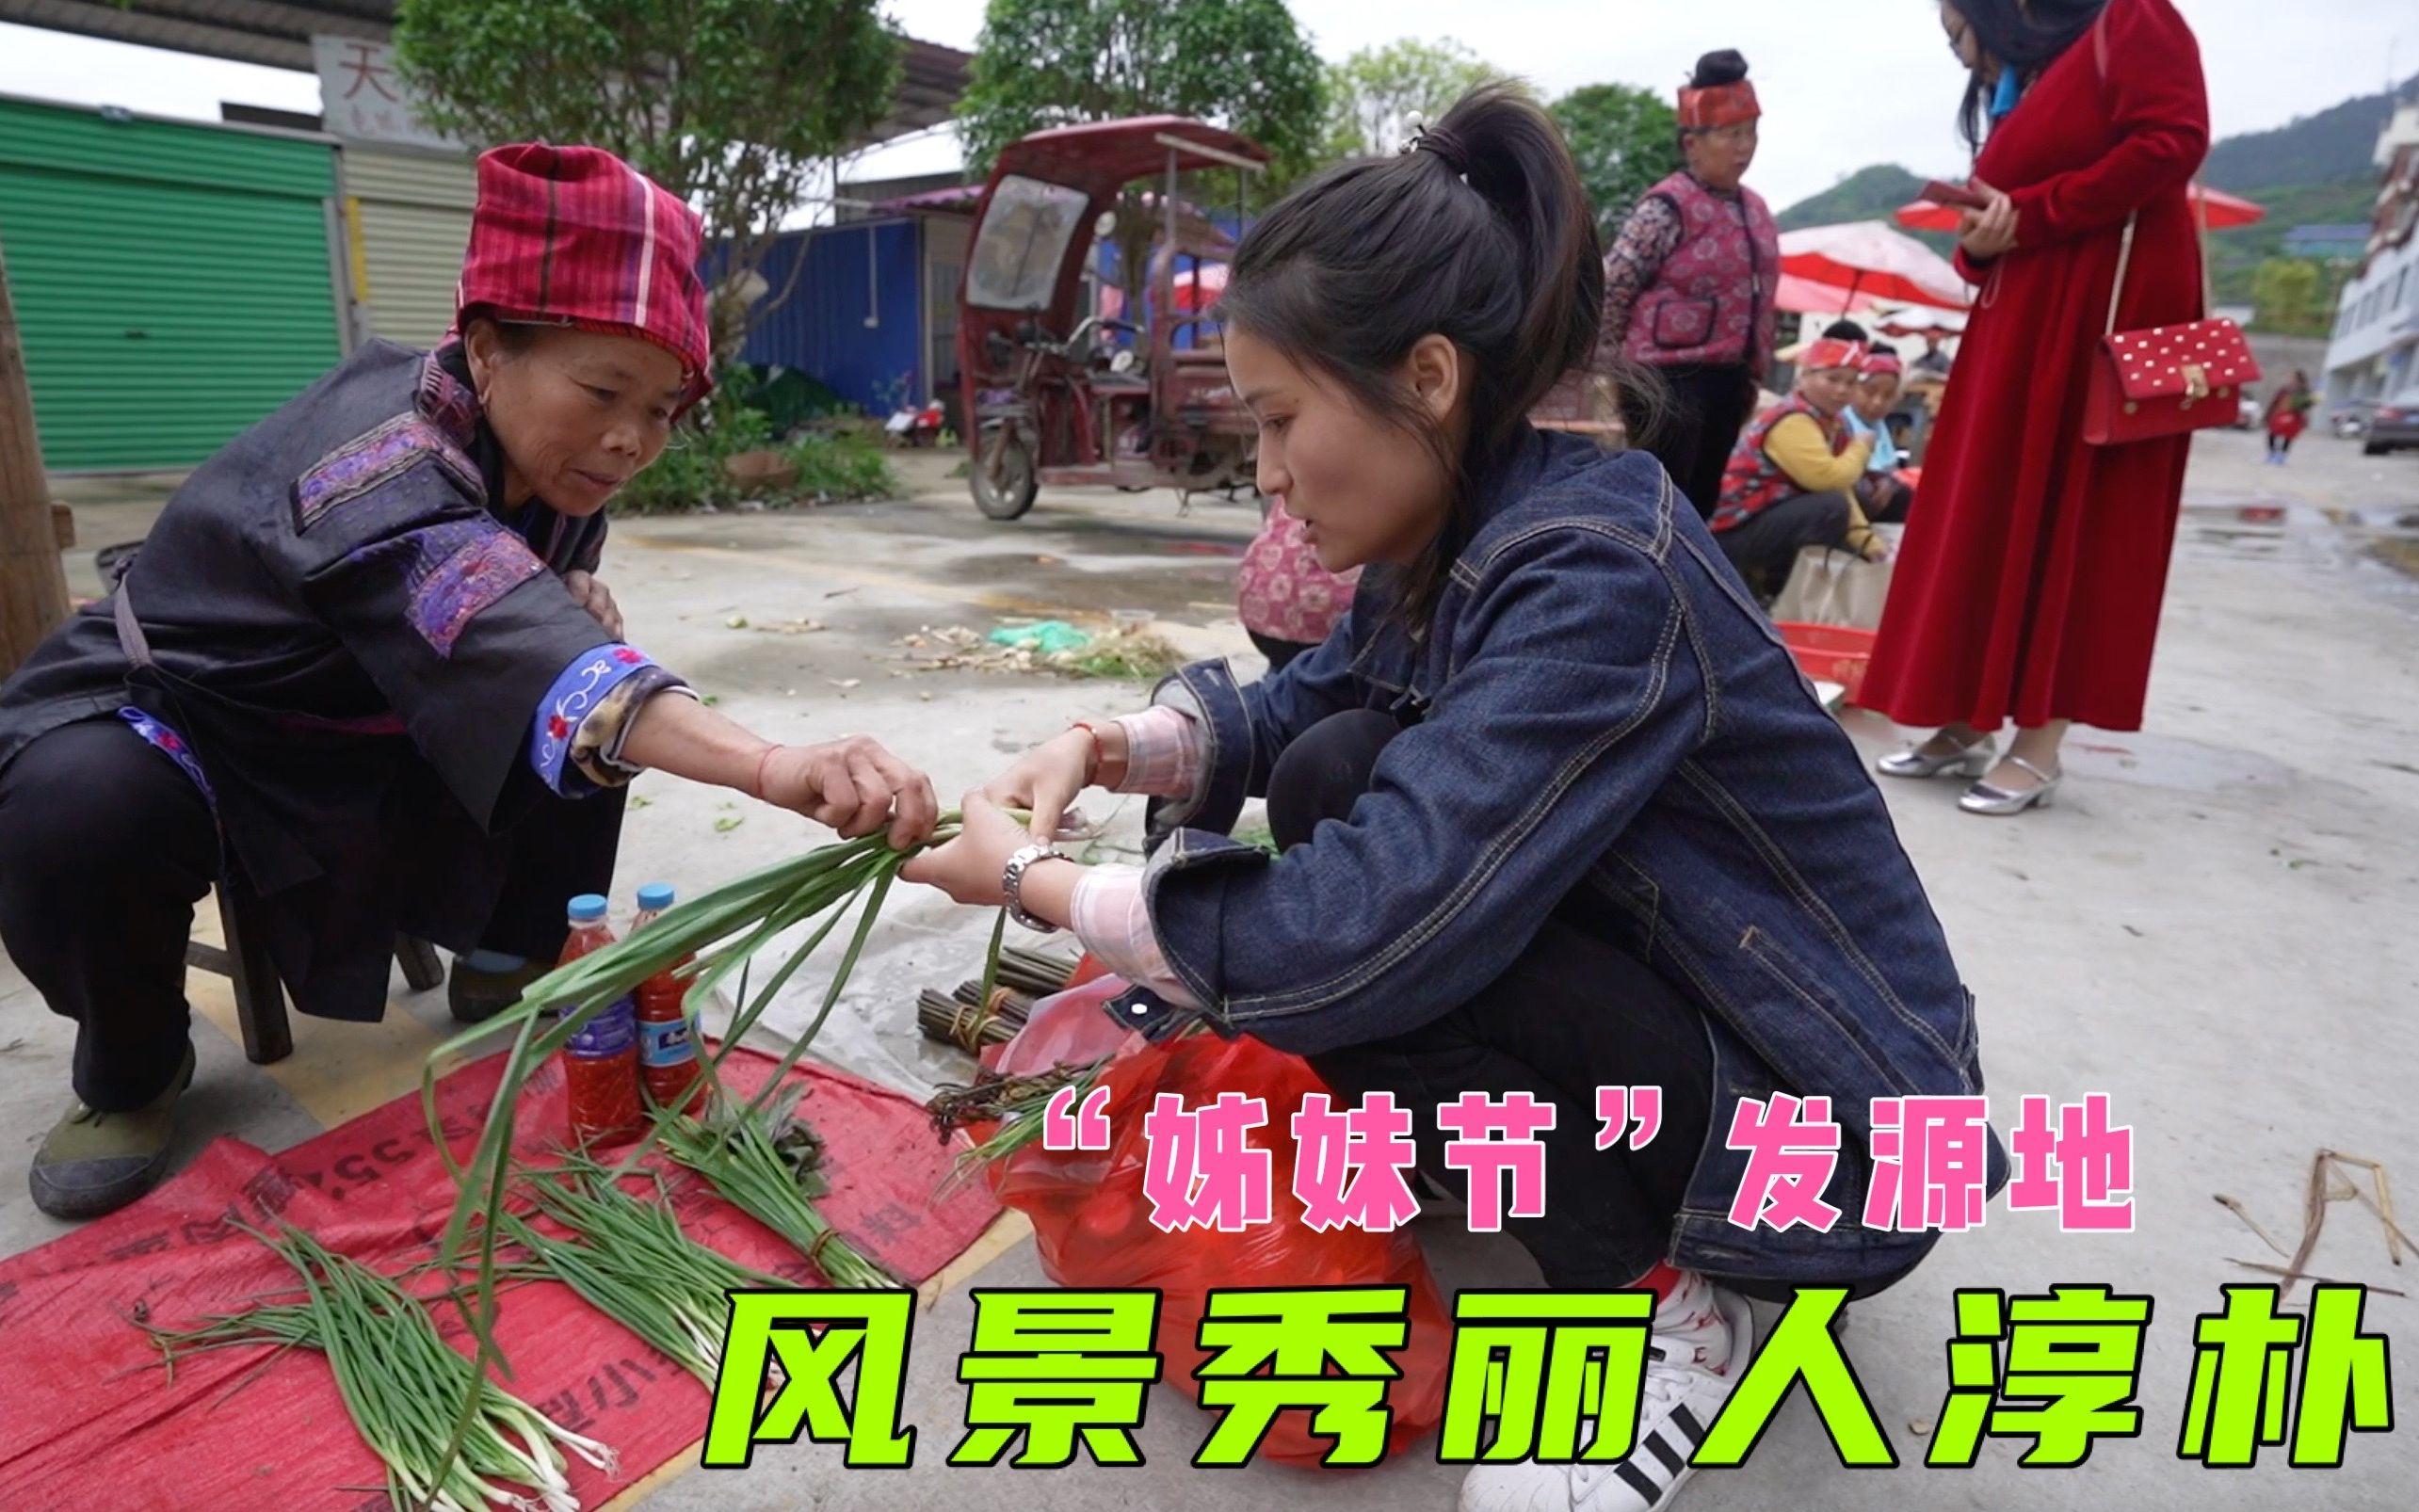 """贵州施洞镇""""姊妹节""""发源地, 燕子买菜时, 就感受到当地人的淳朴"""